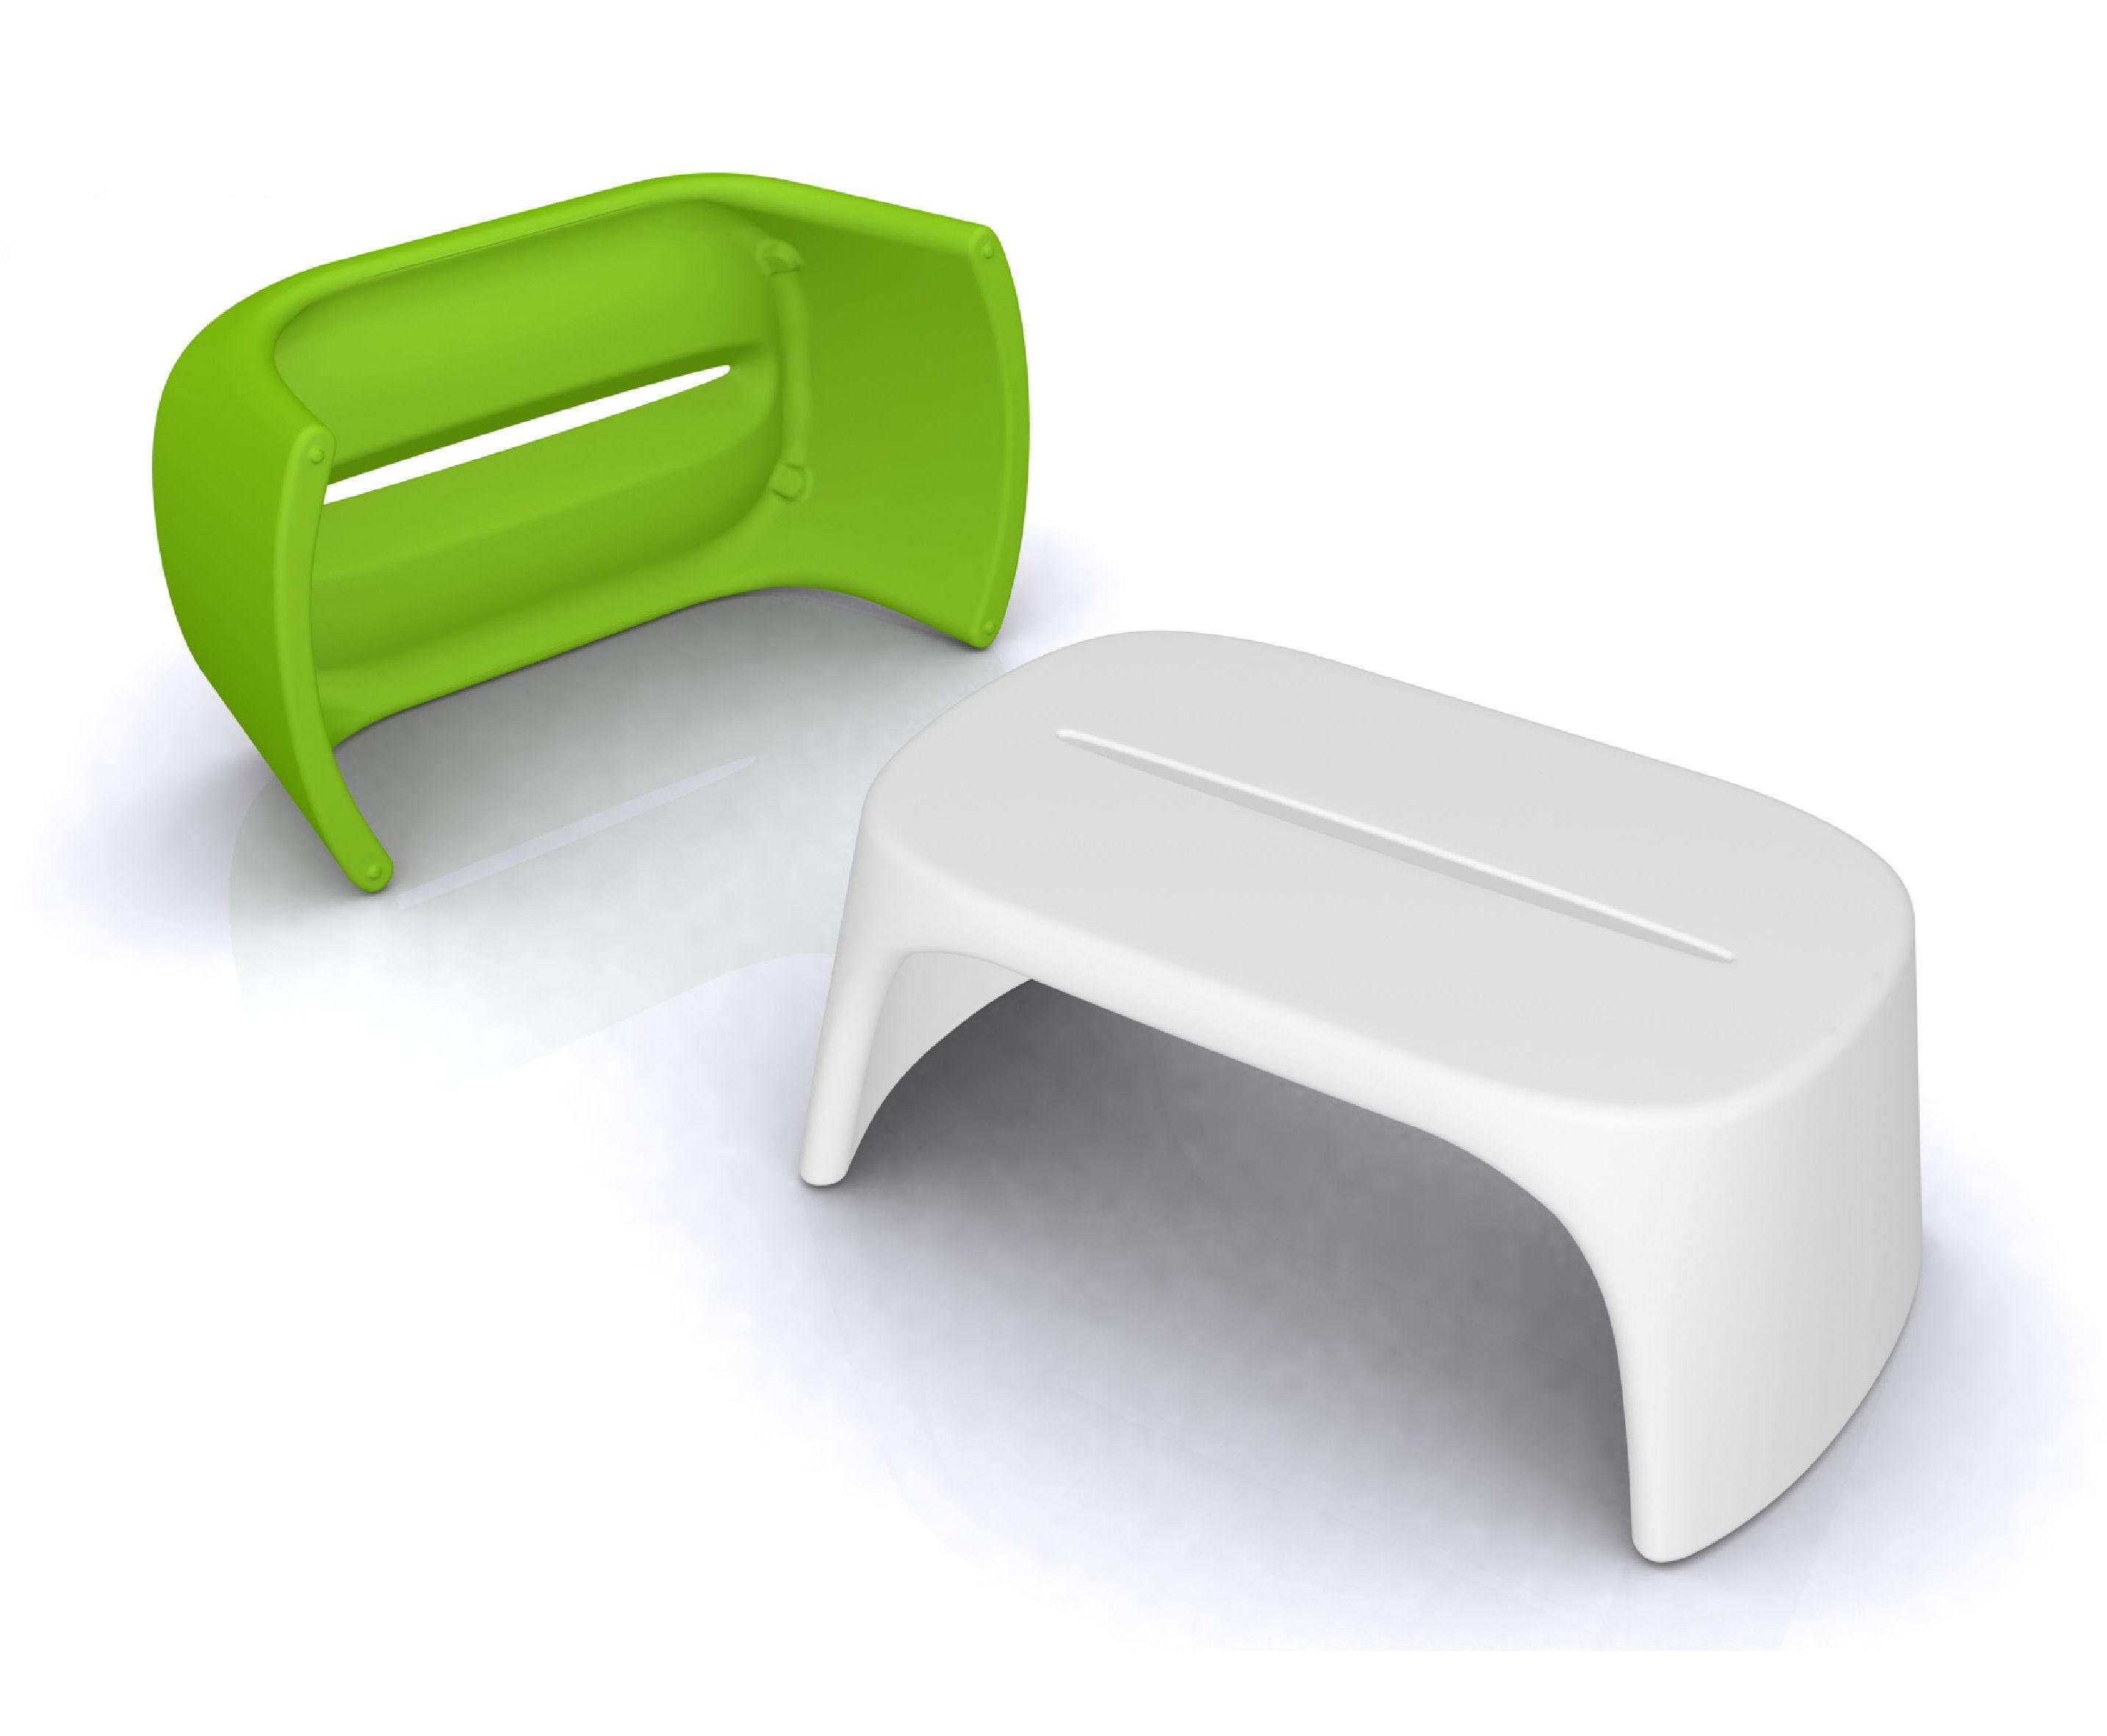 table basse am lie banc l 108 cm plastique blanc slide. Black Bedroom Furniture Sets. Home Design Ideas